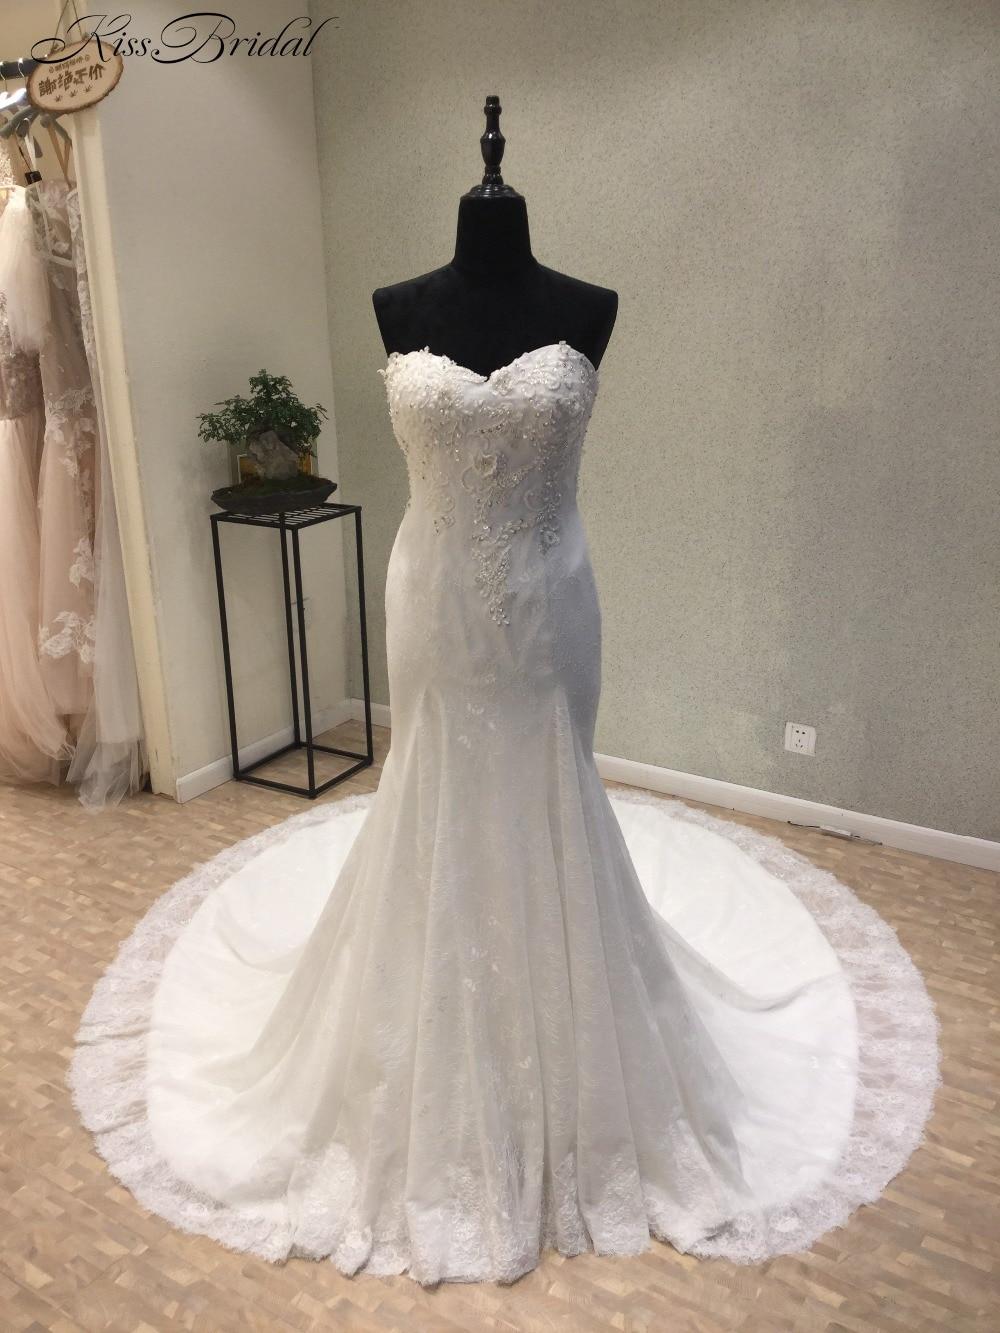 Nuevo vestido de novia de sirena 2018 escote corazón hombros descubiertos vestidos de boda de encaje vestido de novia